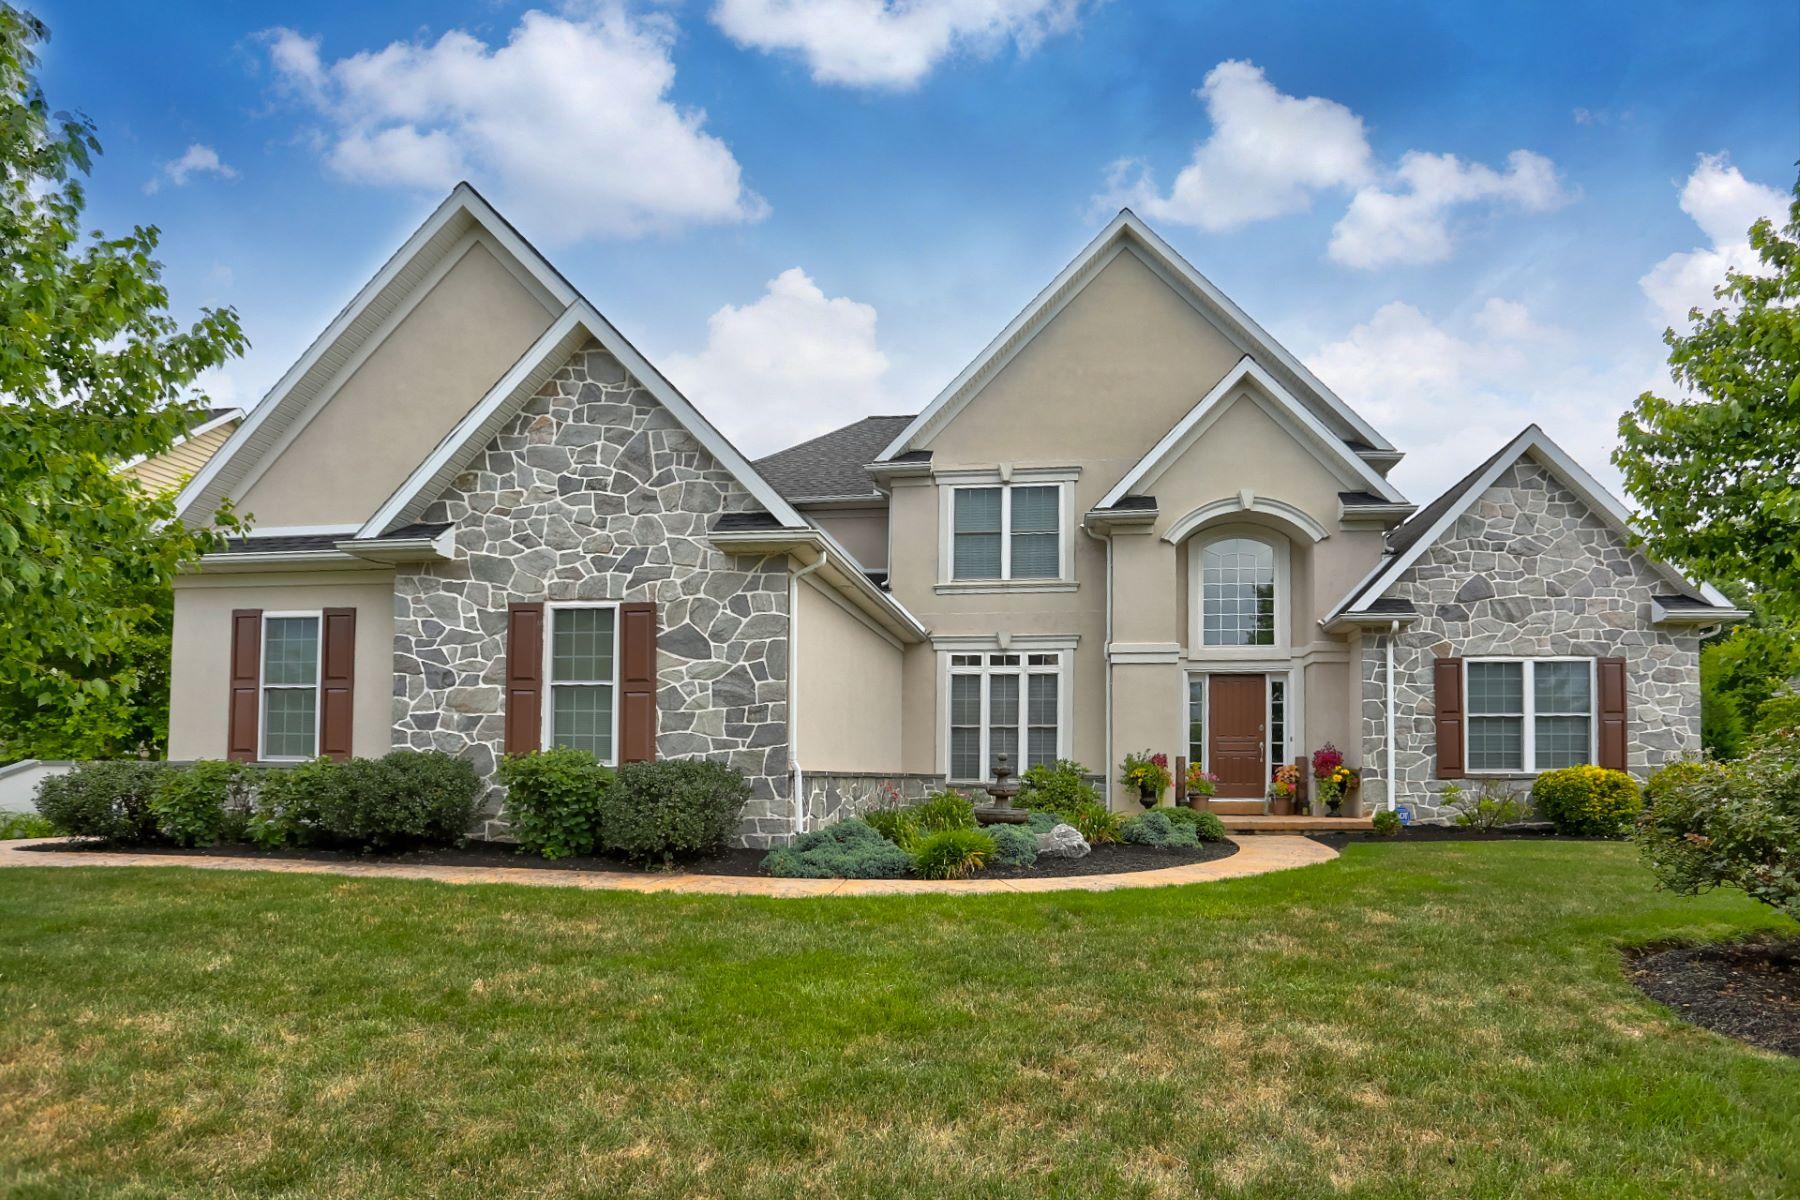 Casa Unifamiliar por un Venta en 1125 N Bristol Drive 1125 N Bristol Drive Lititz, Pennsylvania 17543 Estados Unidos